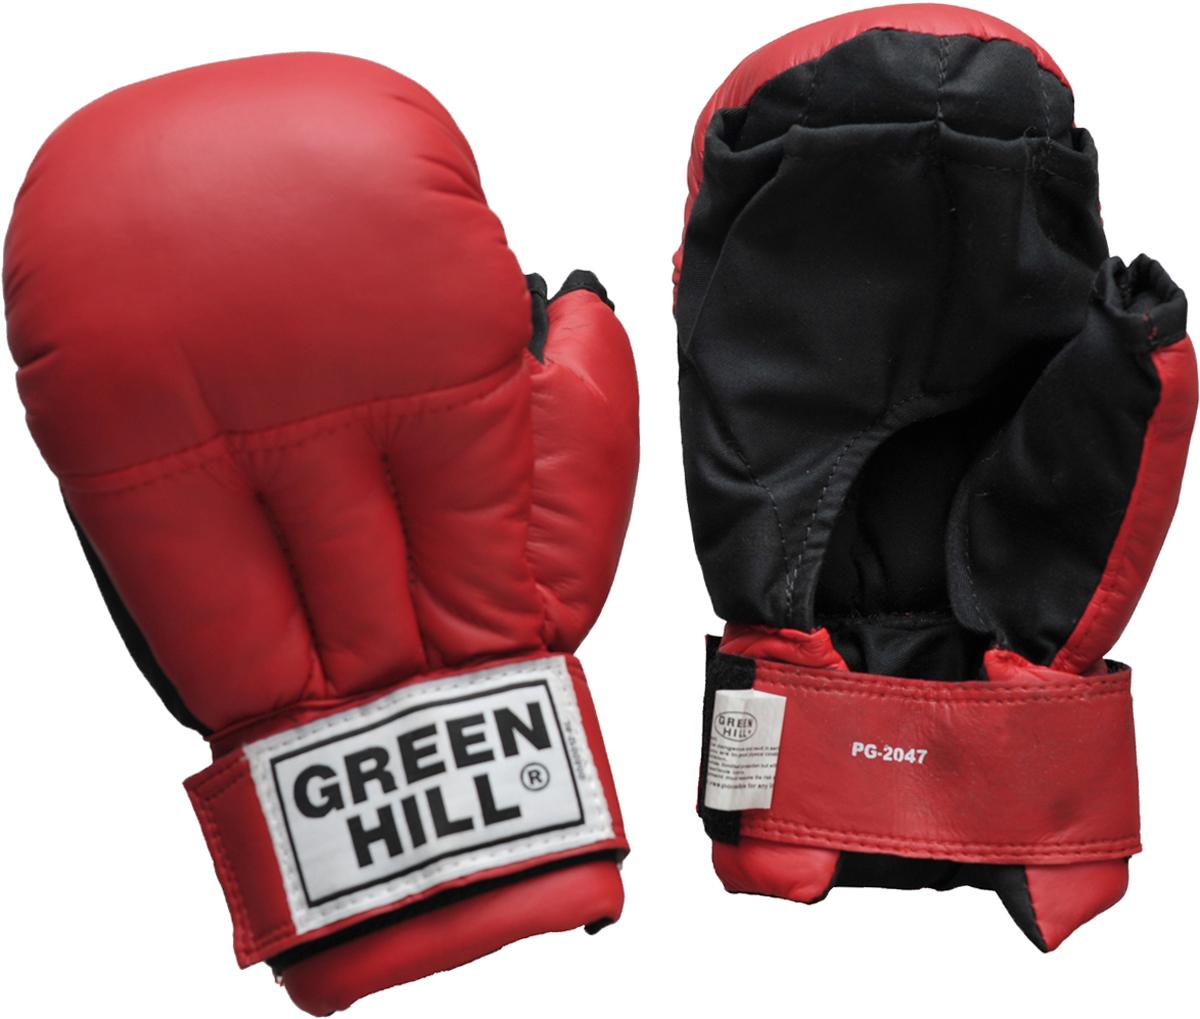 Перчатки для рукопашного боя Green Hill, цвет: красный. PG-2047. Размер MPG-2047Перчатки для рукопашного боя Green Hill произведены из высококачественной искусственной кожи. Подойдут для занятий смешанными единоборствами. Конструкция предусматривает открытые пальцы - необходимый атрибут для проведения захватов. Манжеты на липучках позволяют быстро снимать и надевать перчатки без каких-либо неудобств.